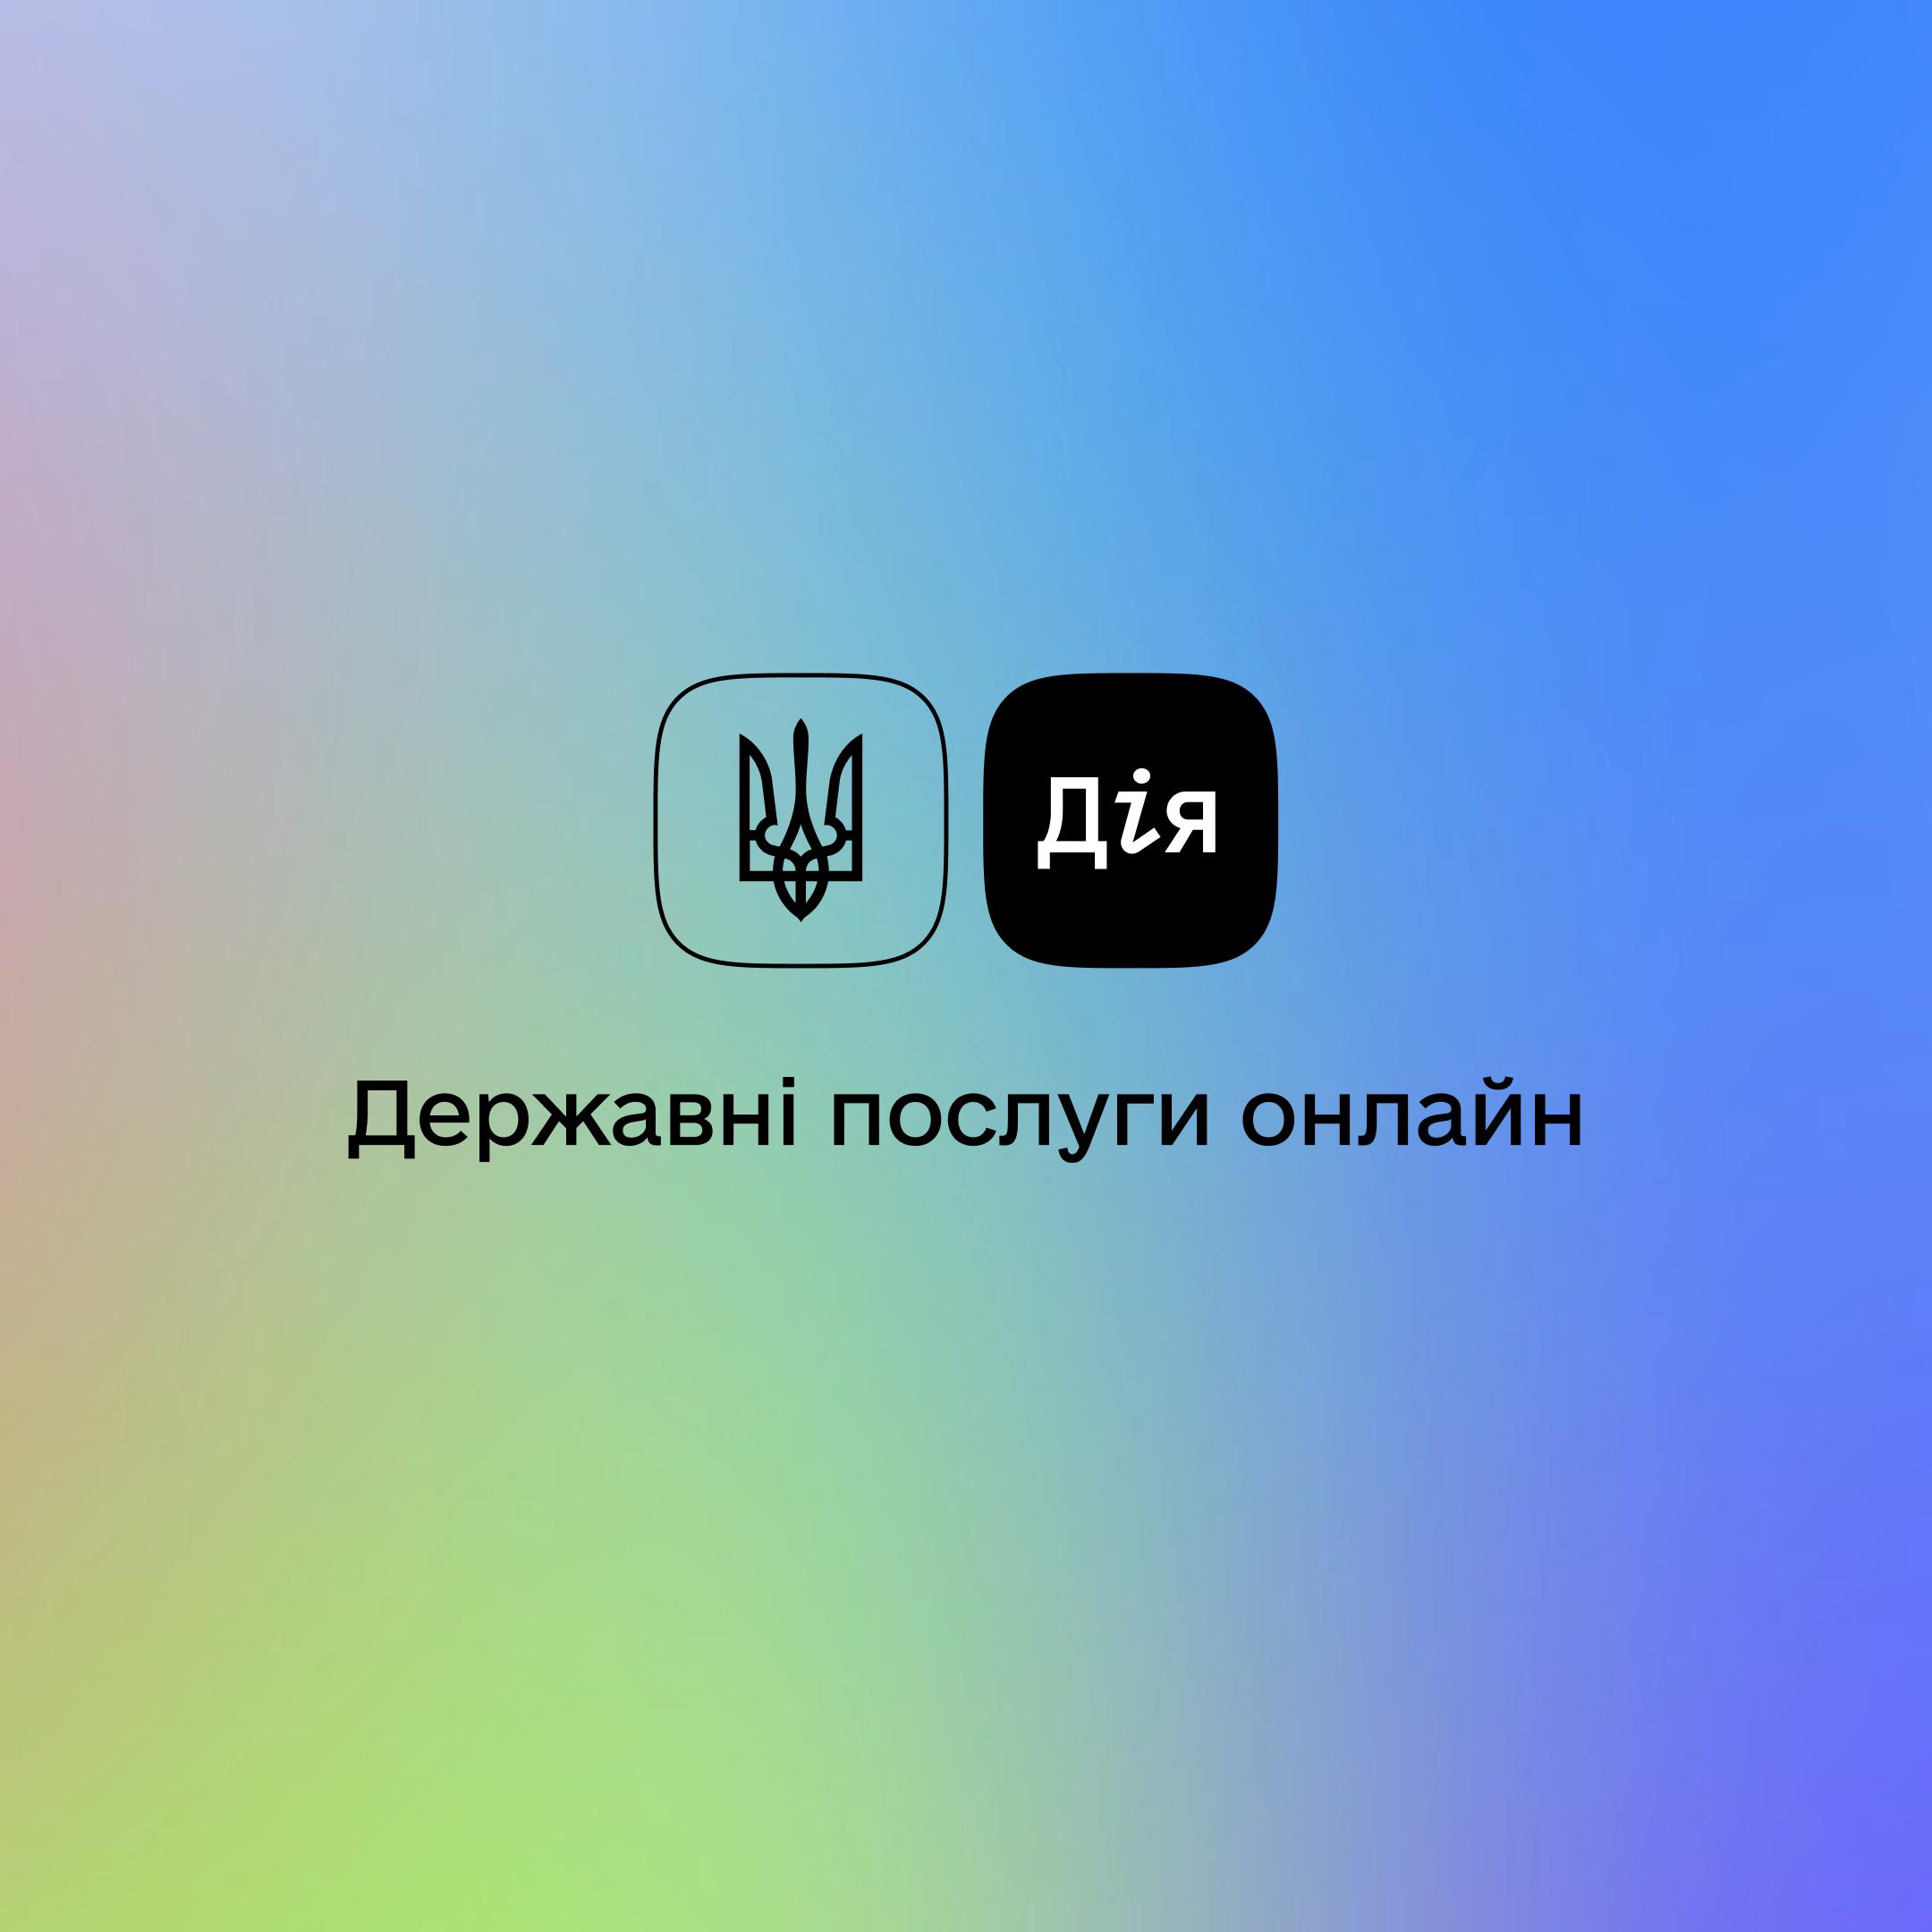 plan.diia.gov.ua